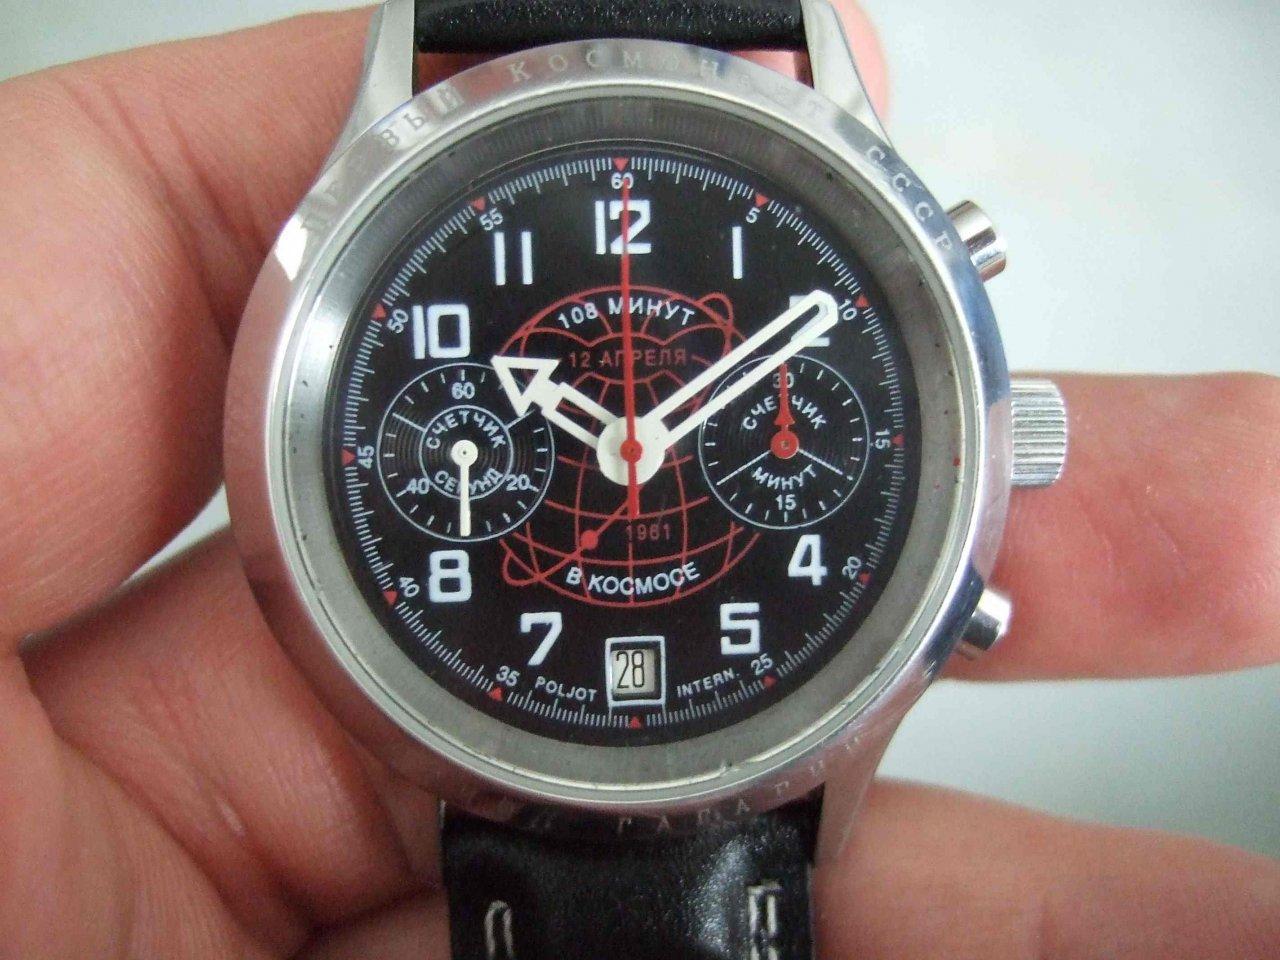 Uhren mit Skelettzeigern - UhrForum